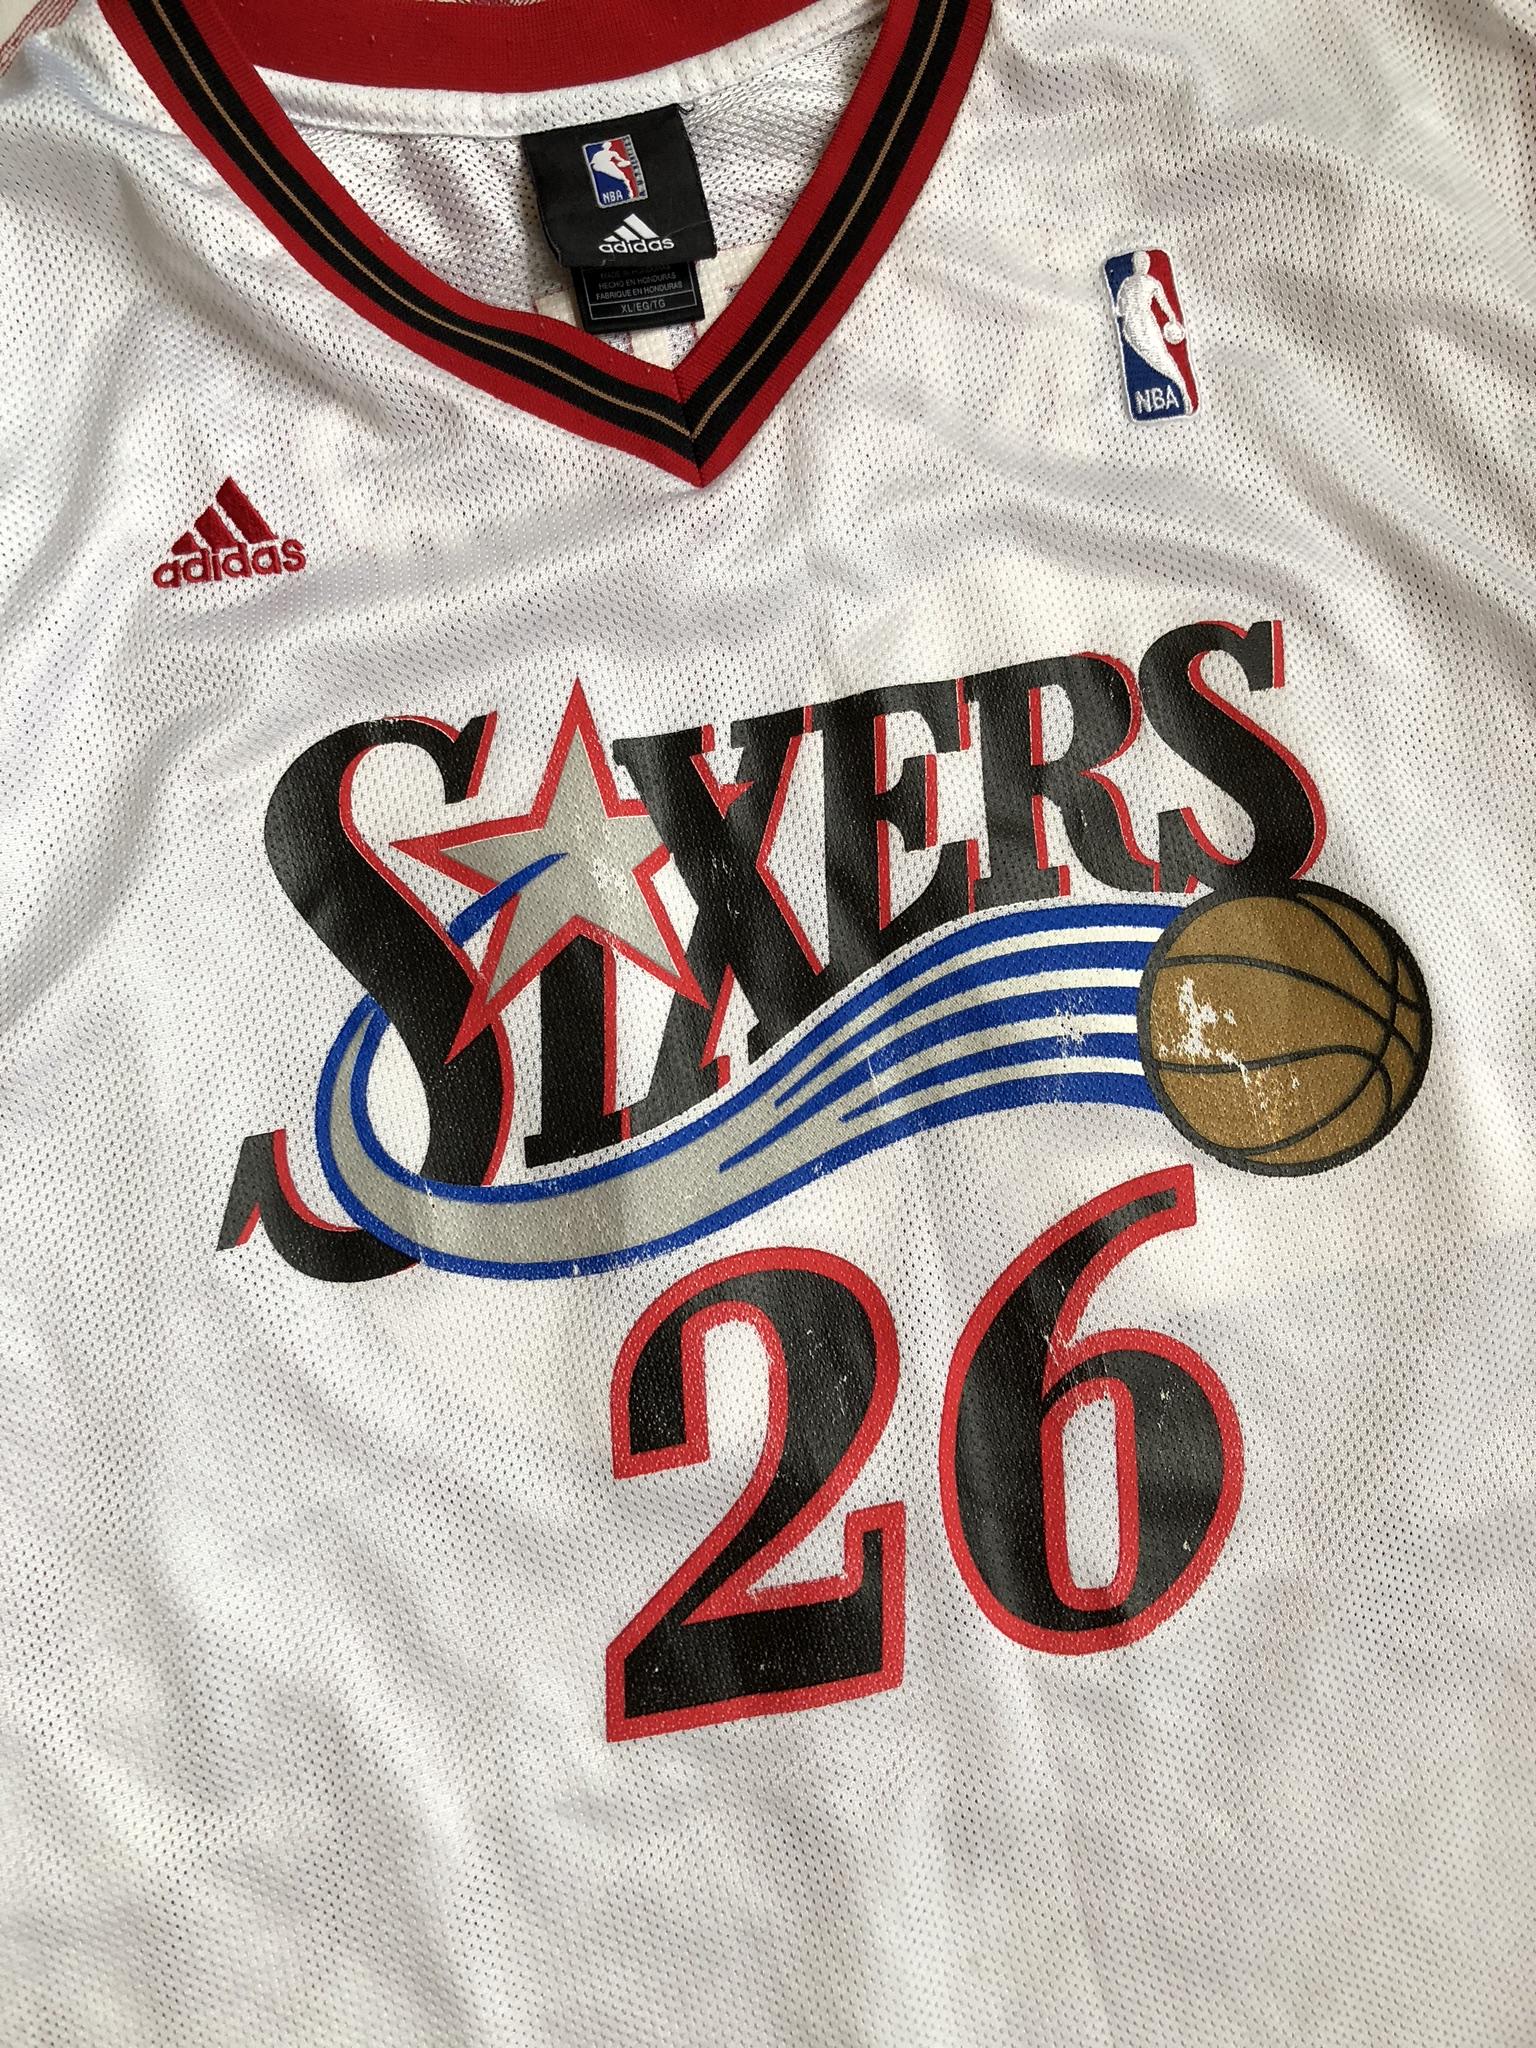 7d6a3f75 2005 Kyle Korver Philadelphia Sixers 76ers Adidas NBA Jersey Size XL ...